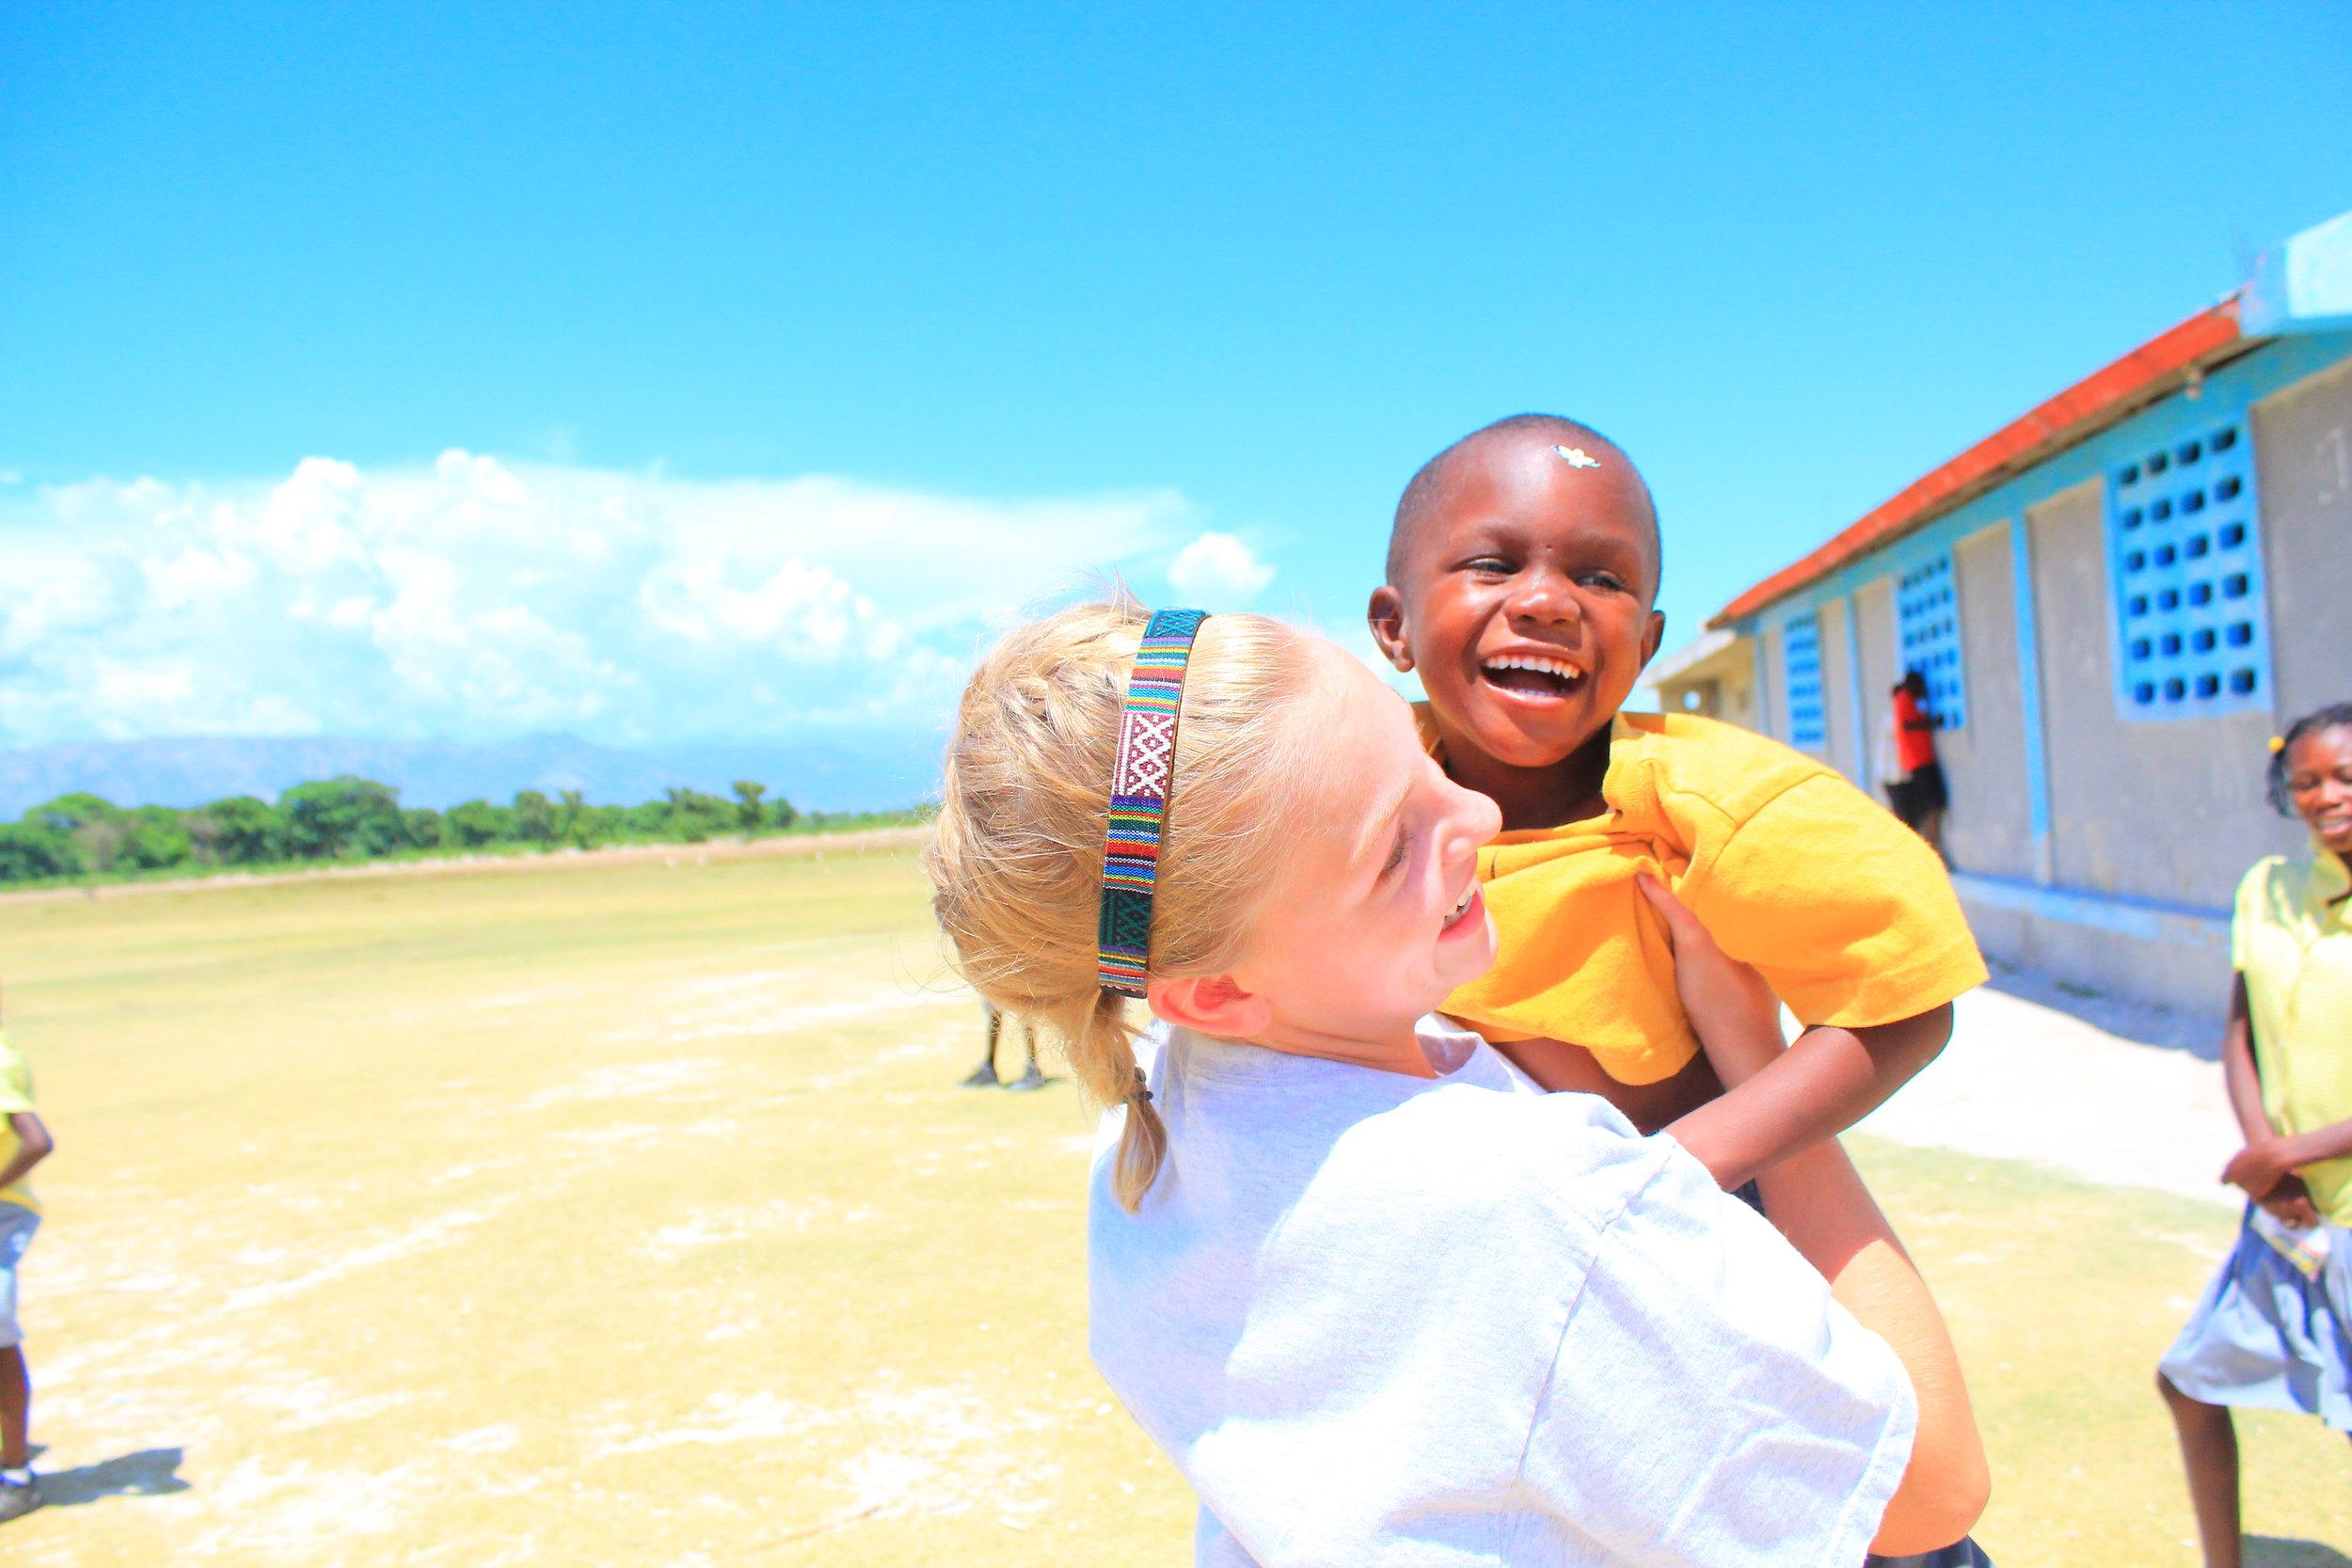 haiti-image.JPG